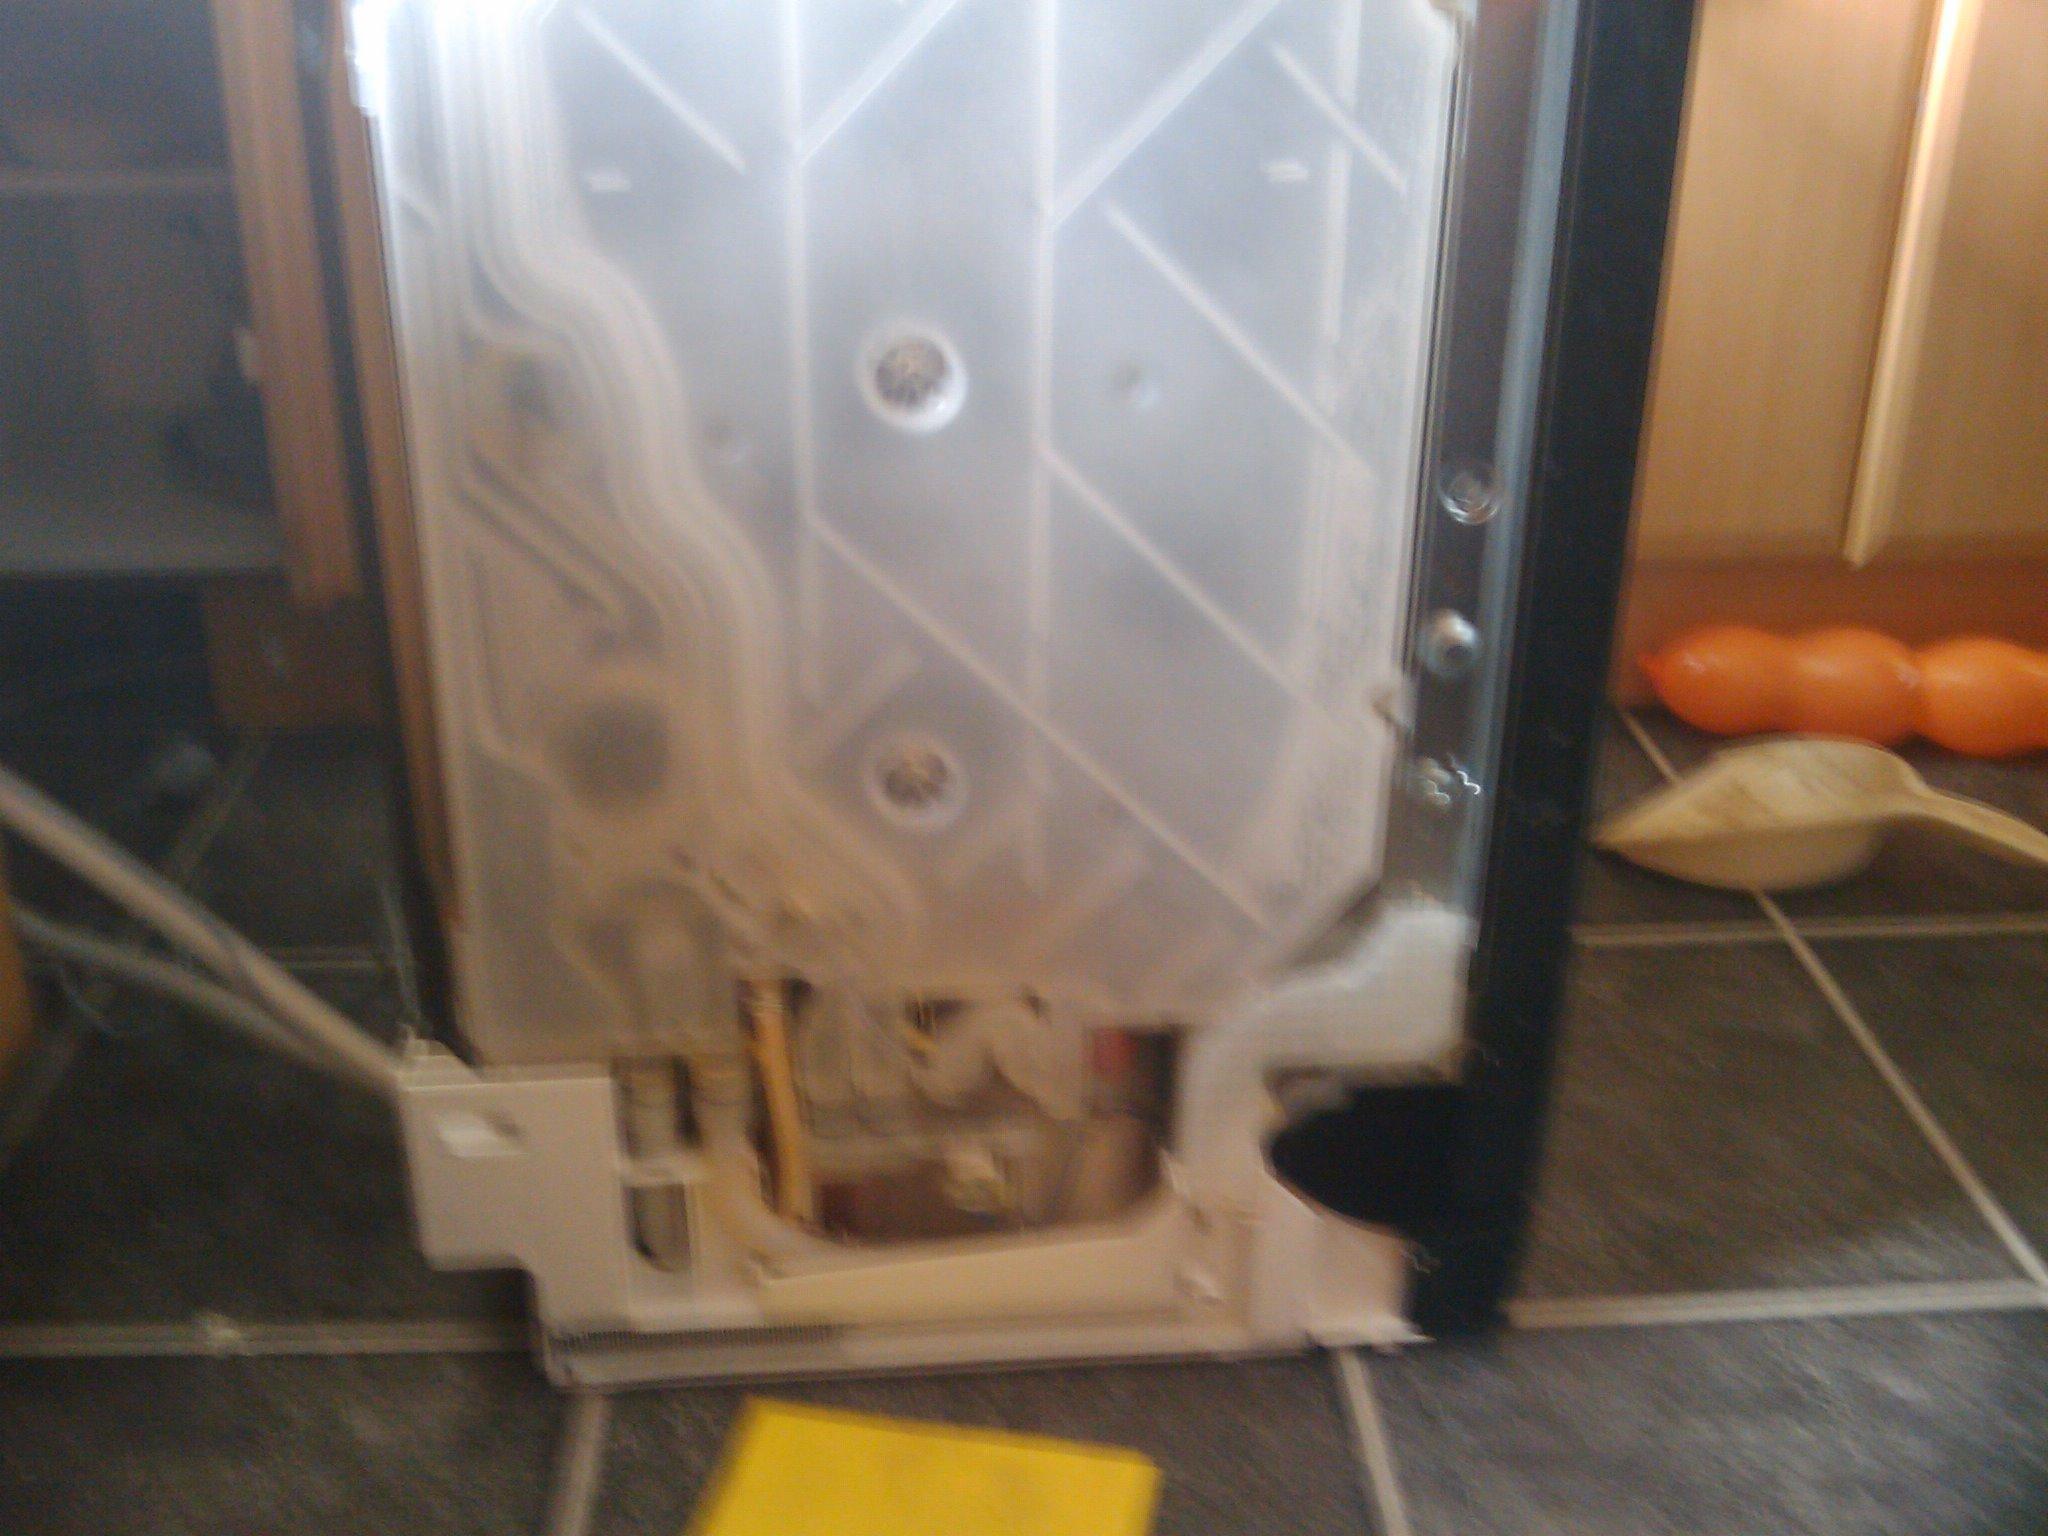 bosch exxcel dishwasher displays e 15 check water i 39 ve. Black Bedroom Furniture Sets. Home Design Ideas